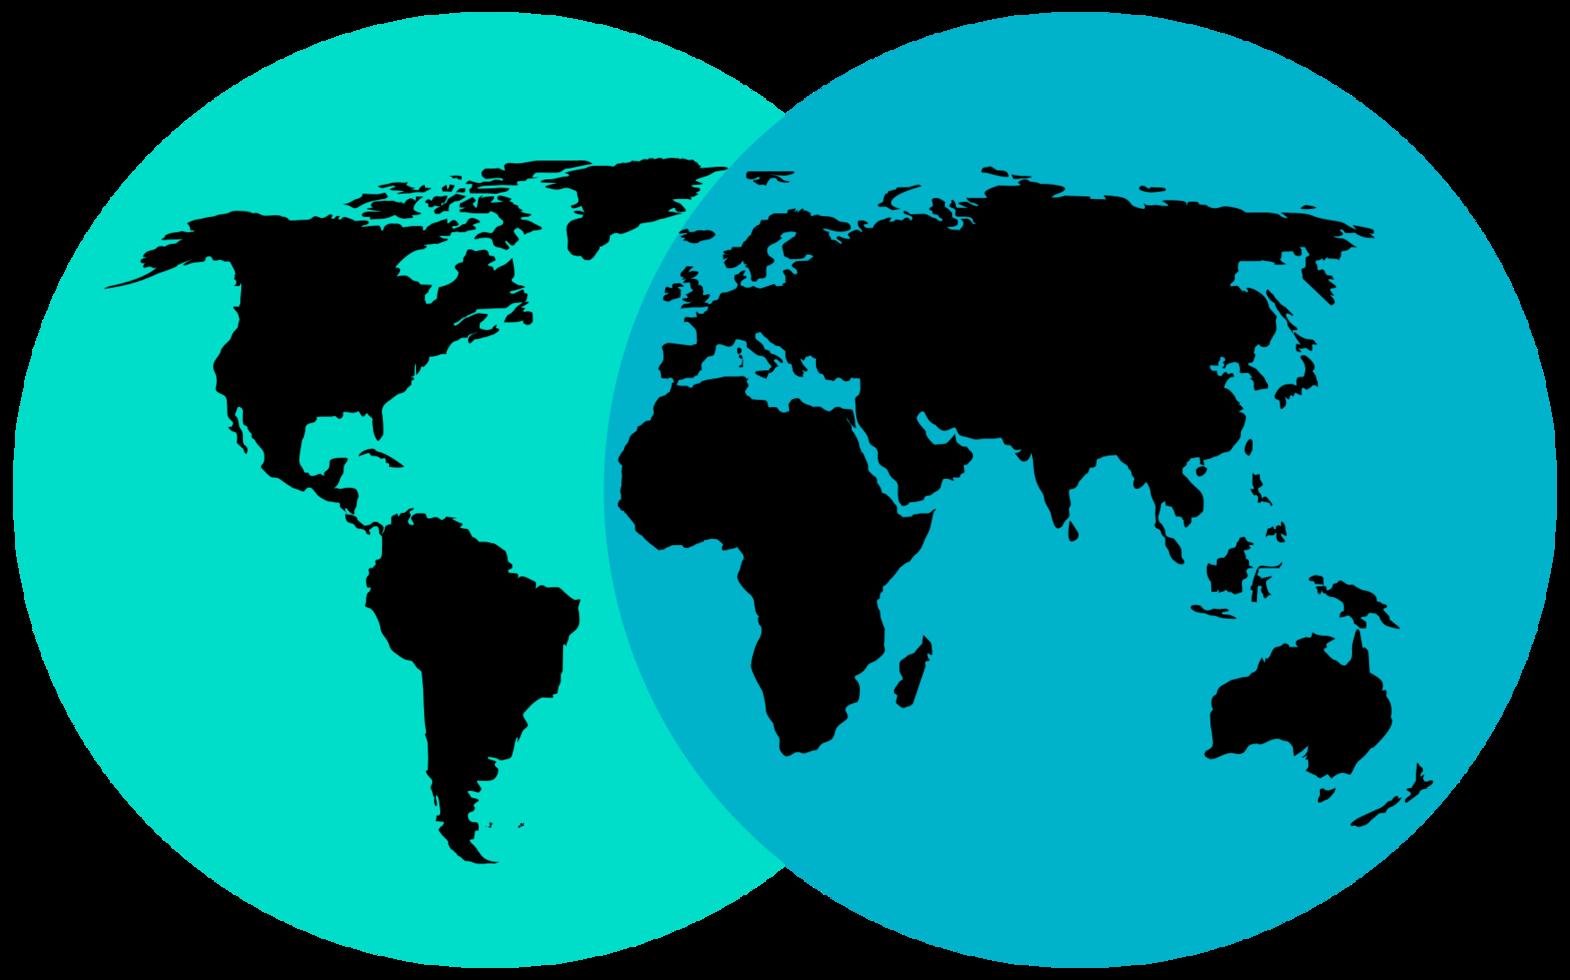 carte du monde png